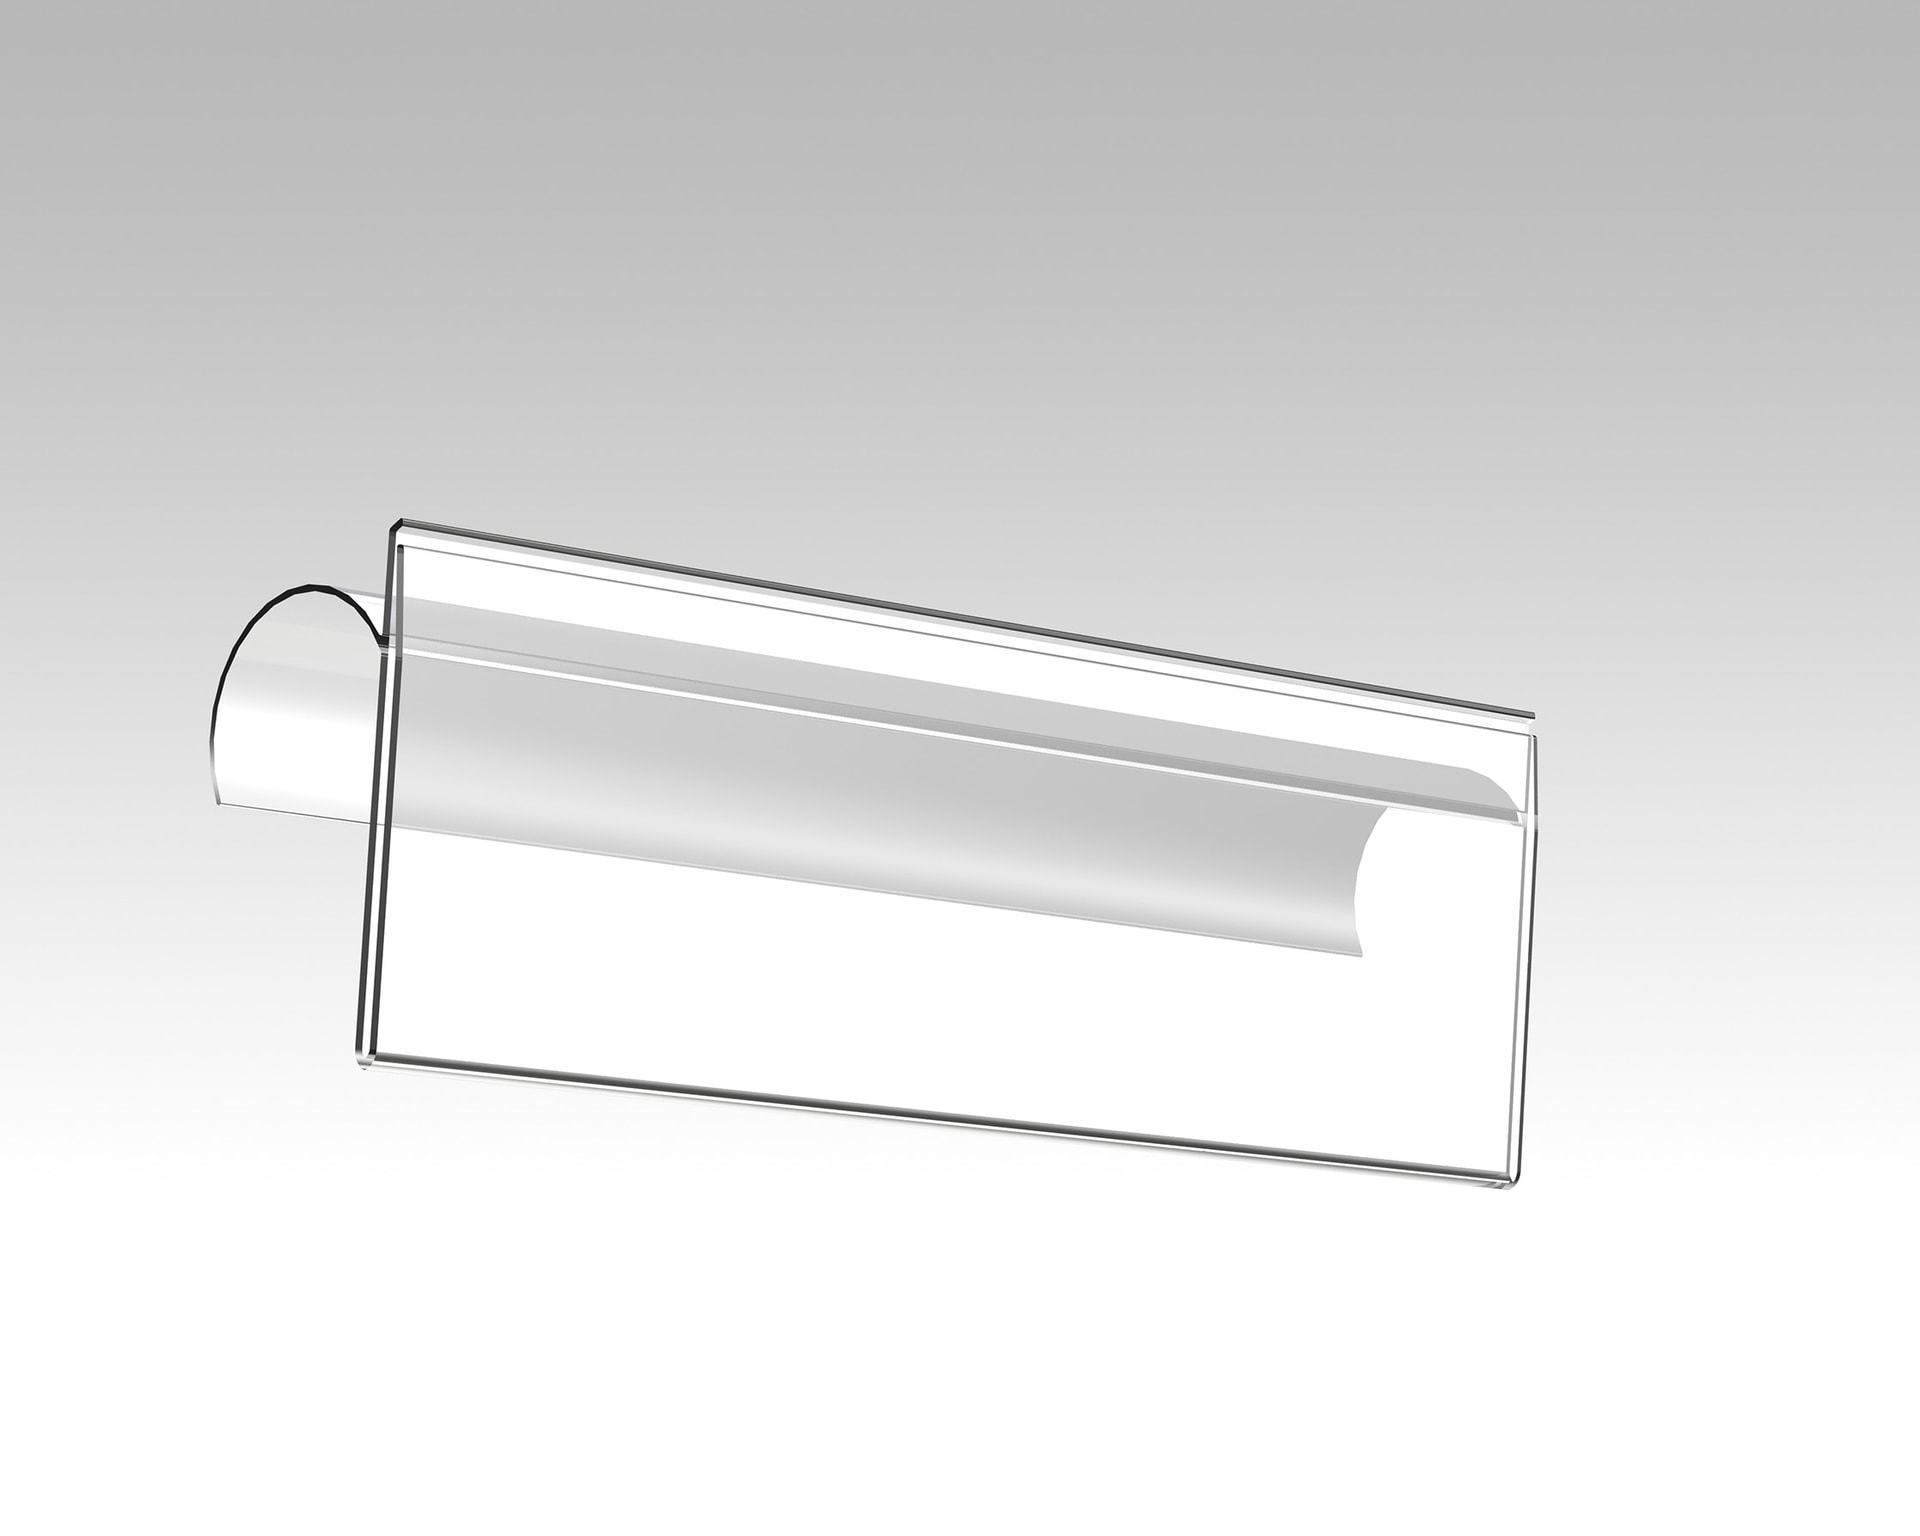 PEK3 Easytube Plastic Accessories NP 150